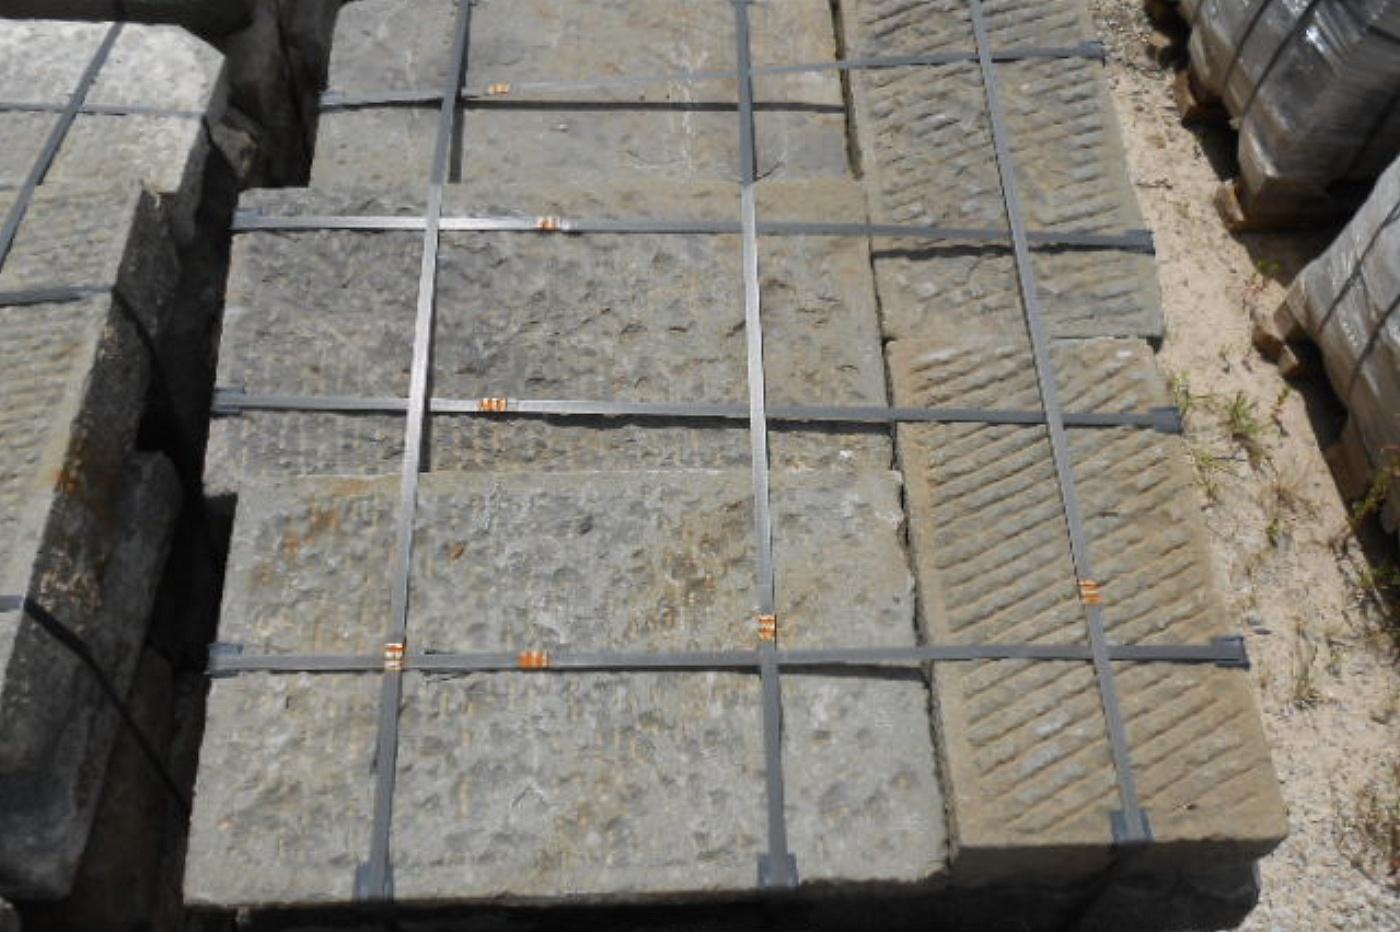 Pavimentazioni Esterne In Pietra.Recuperando Brick And Stone Pavimentazioni Esterne In